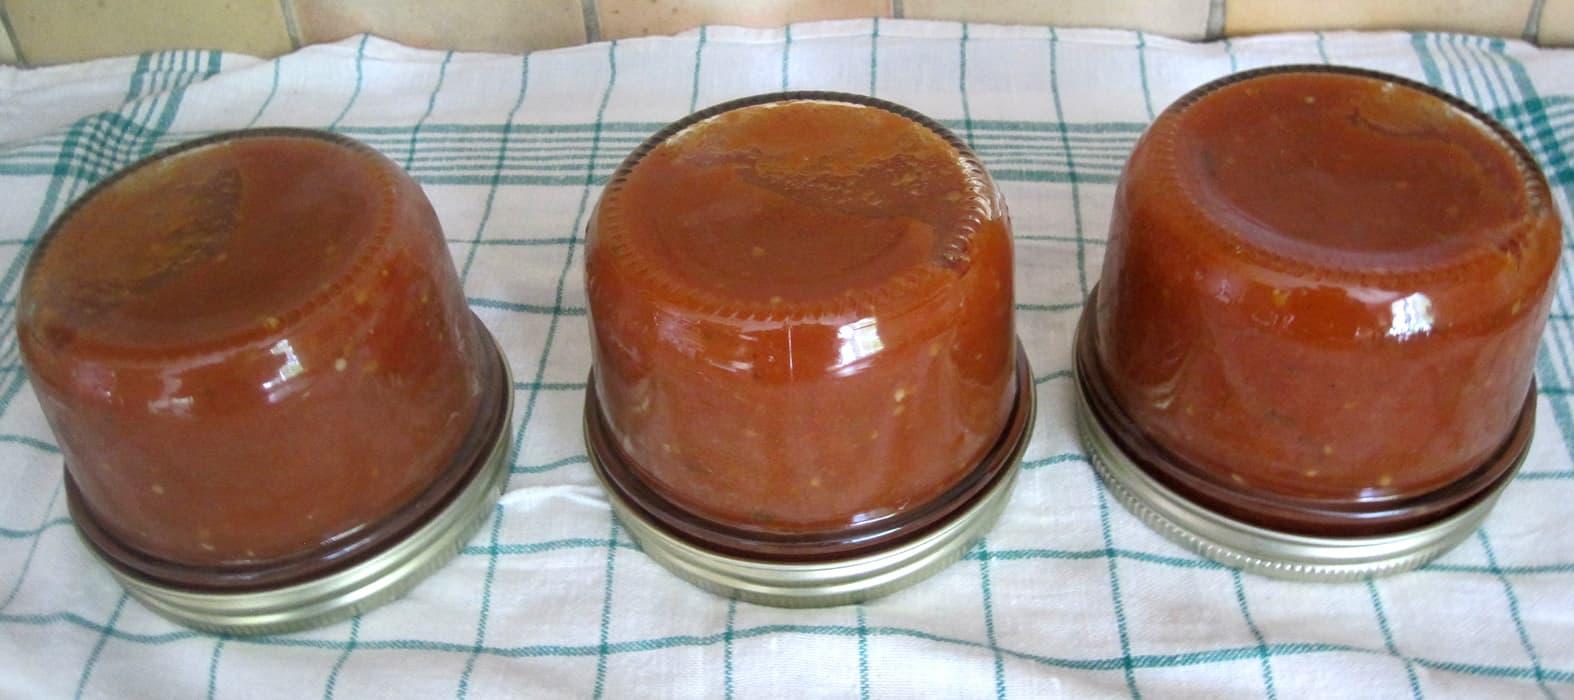 Sauce tomate maison ma cuisine sant - Confiture de nefles du japon ...